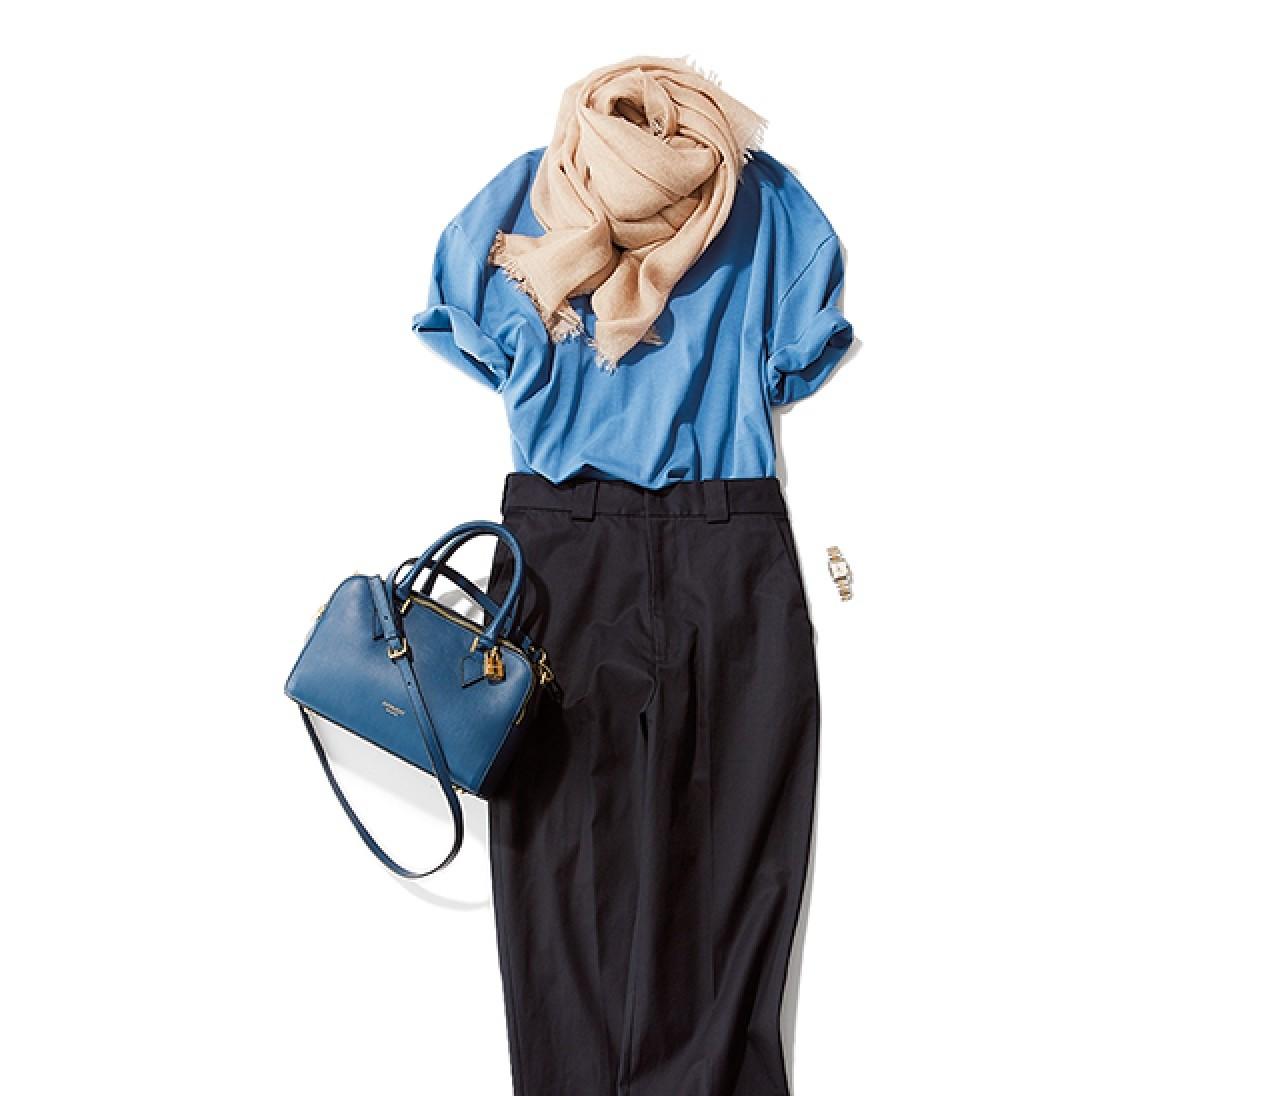 おしゃれな人と会う日は、ブルーとアースカラーを使った洗練パンツスタイル!【2019/6/26のコーデ】